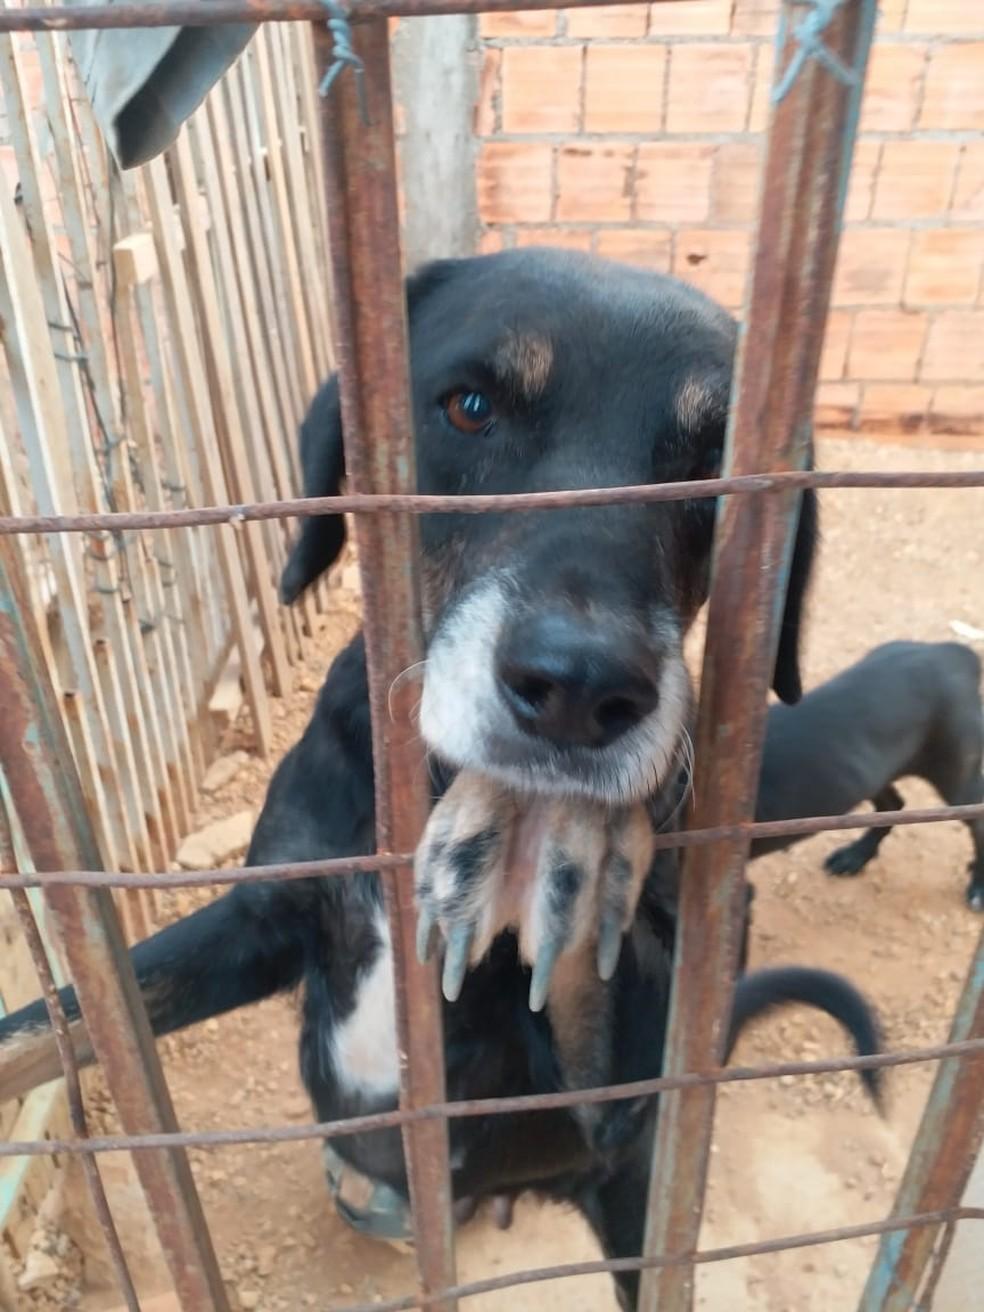 Animais foram vítimas de maus-tratos em Primavera do Leste — Foto: ONG SOS Animais Primavera do Leste